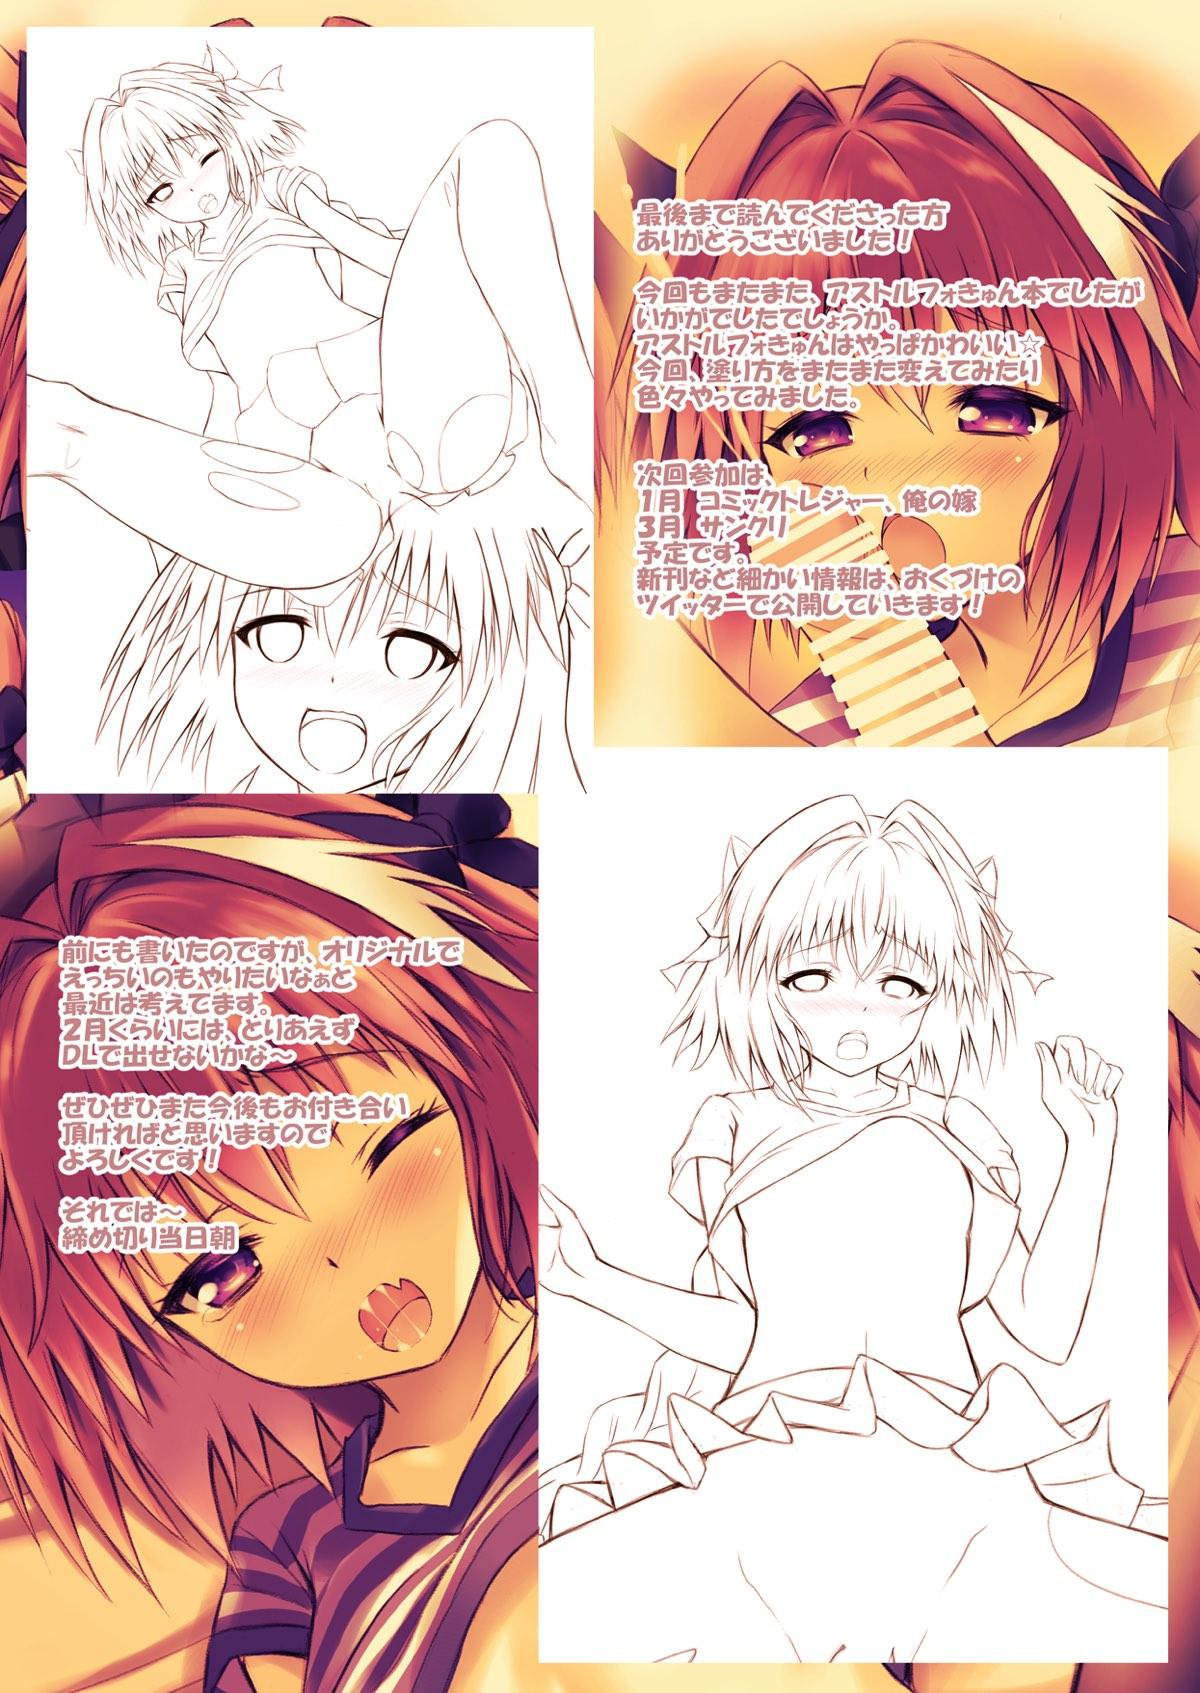 Astolfo-kyun to Ecchi shiyo☆ 12